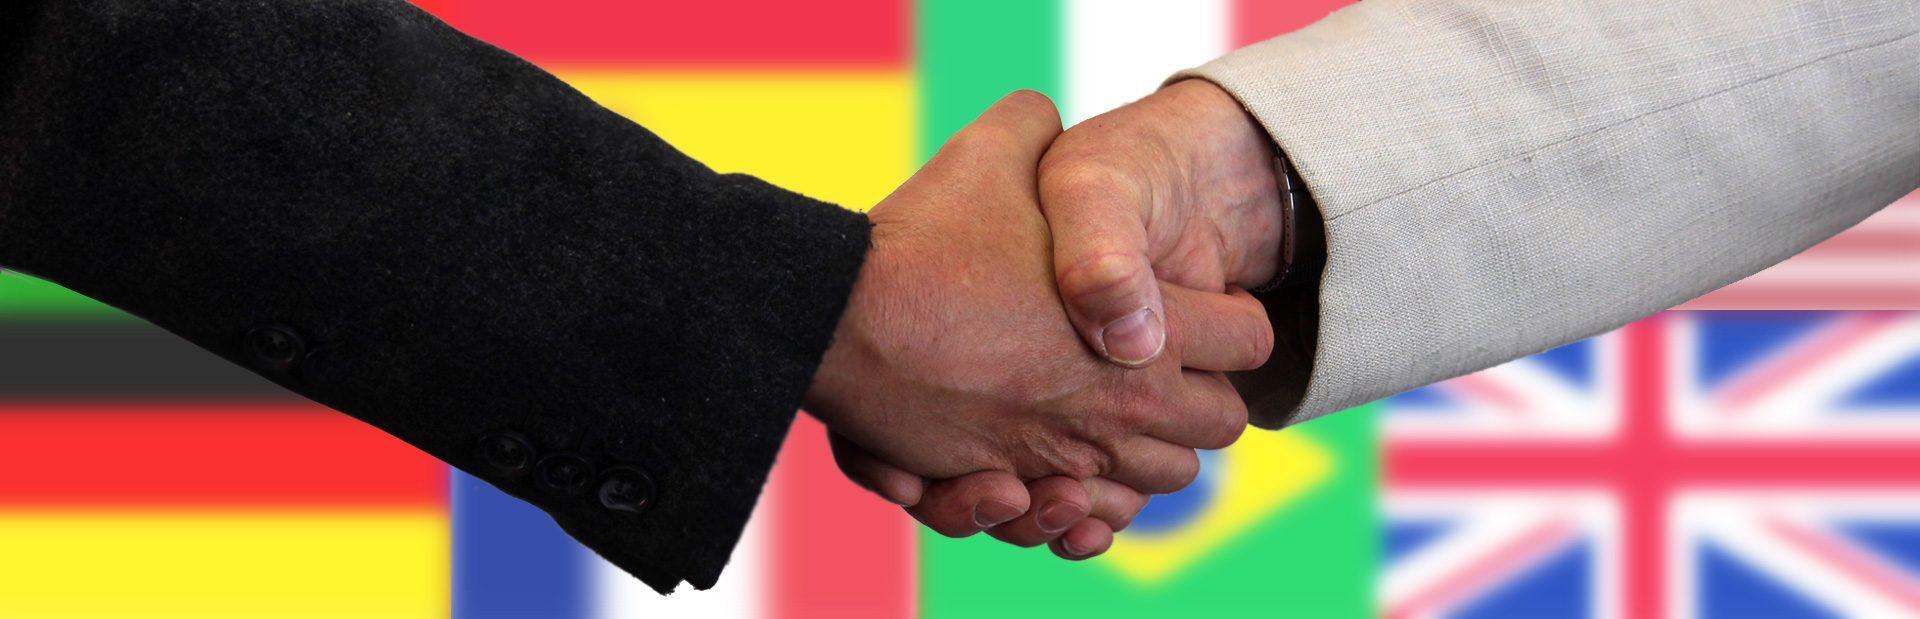 DESK Sprachkurse in München und Herrsching, Philosophie, Handshake